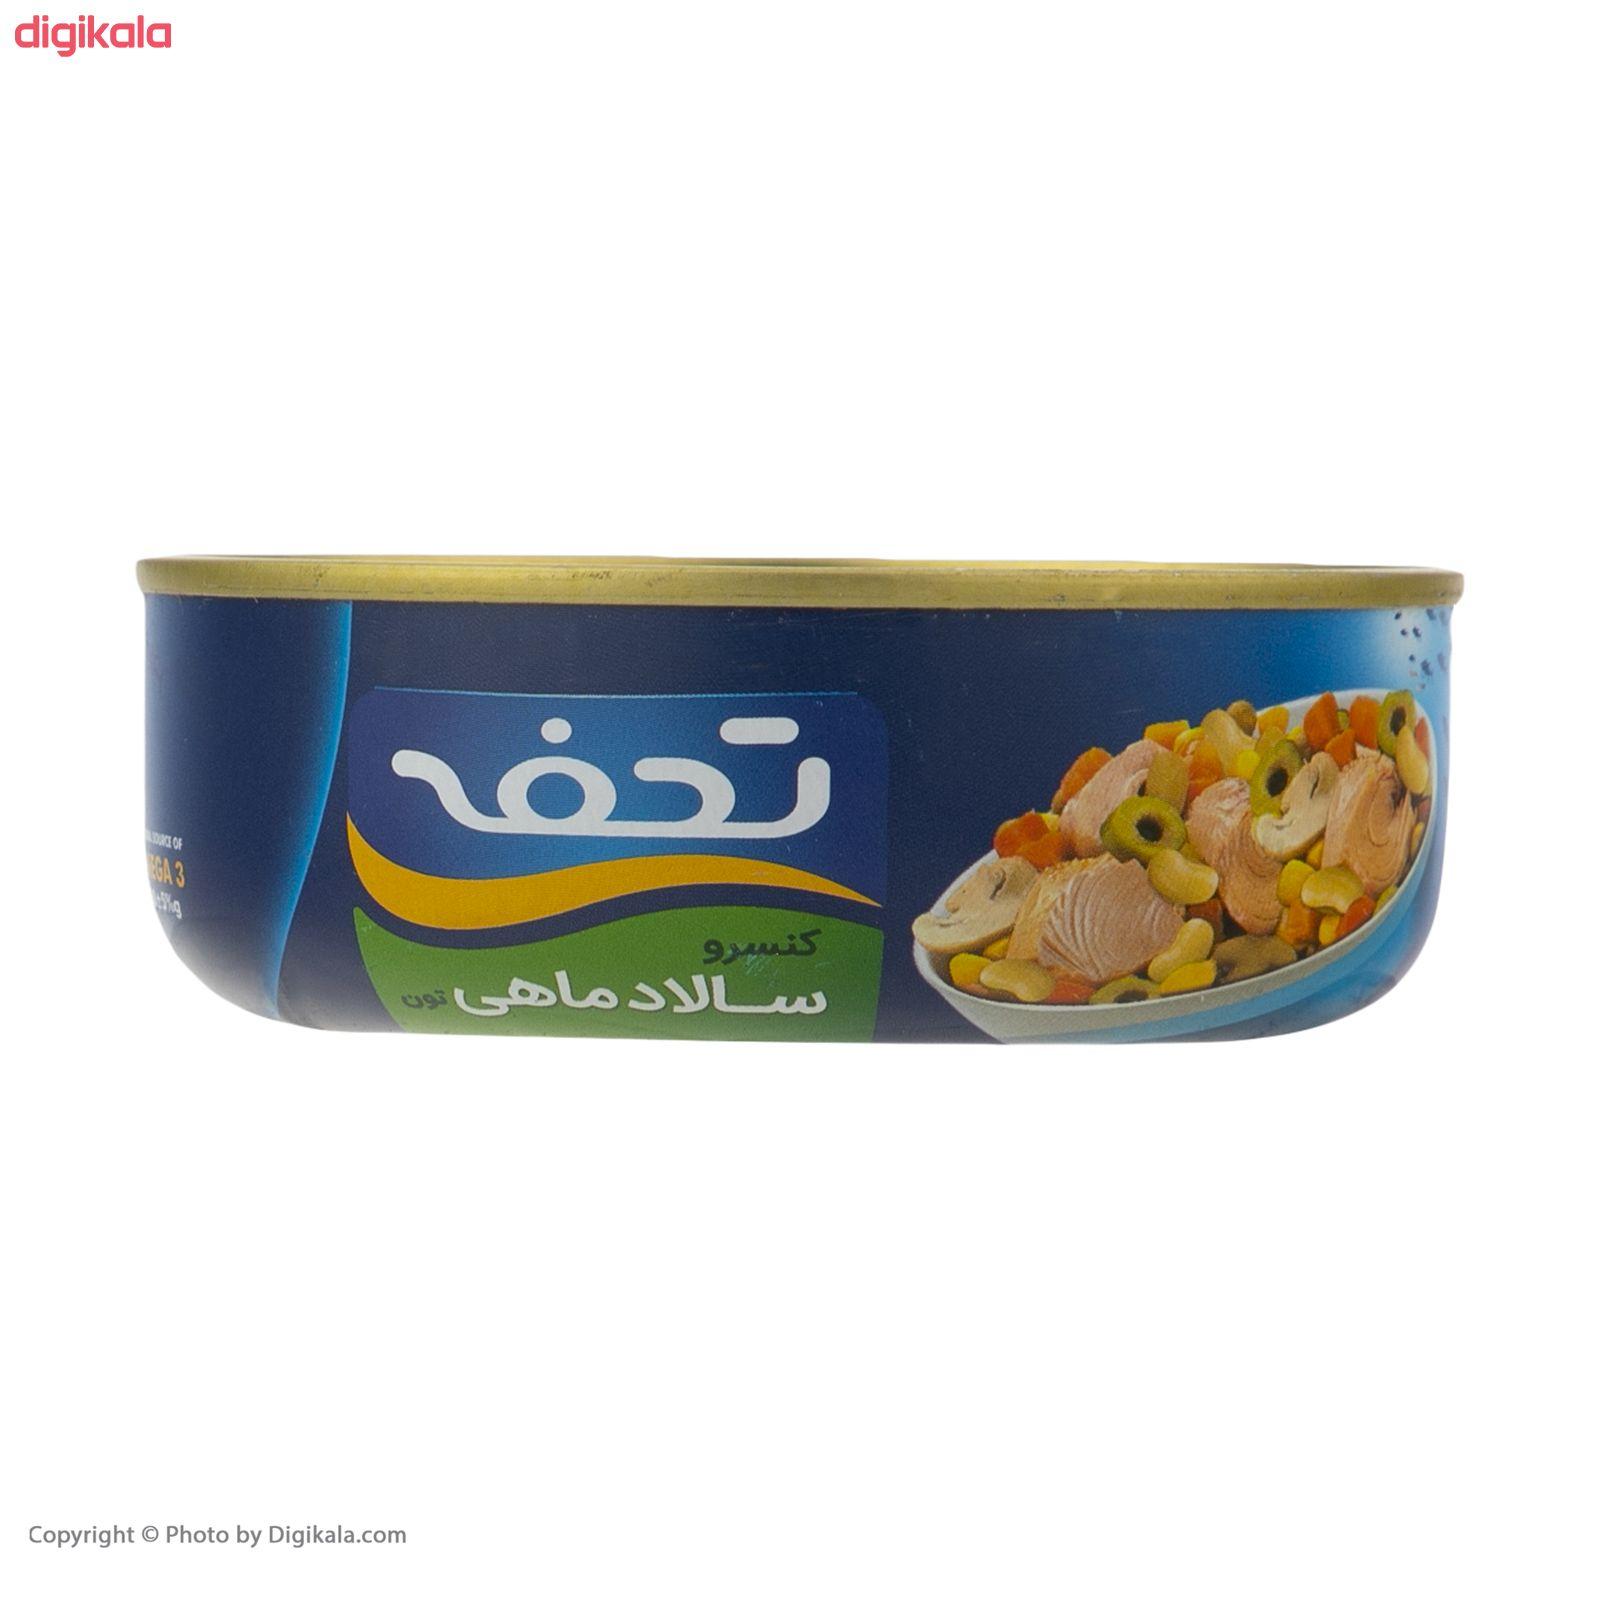 کنسرو سالاد ماهی تون تحفه - 160 گرم main 1 3